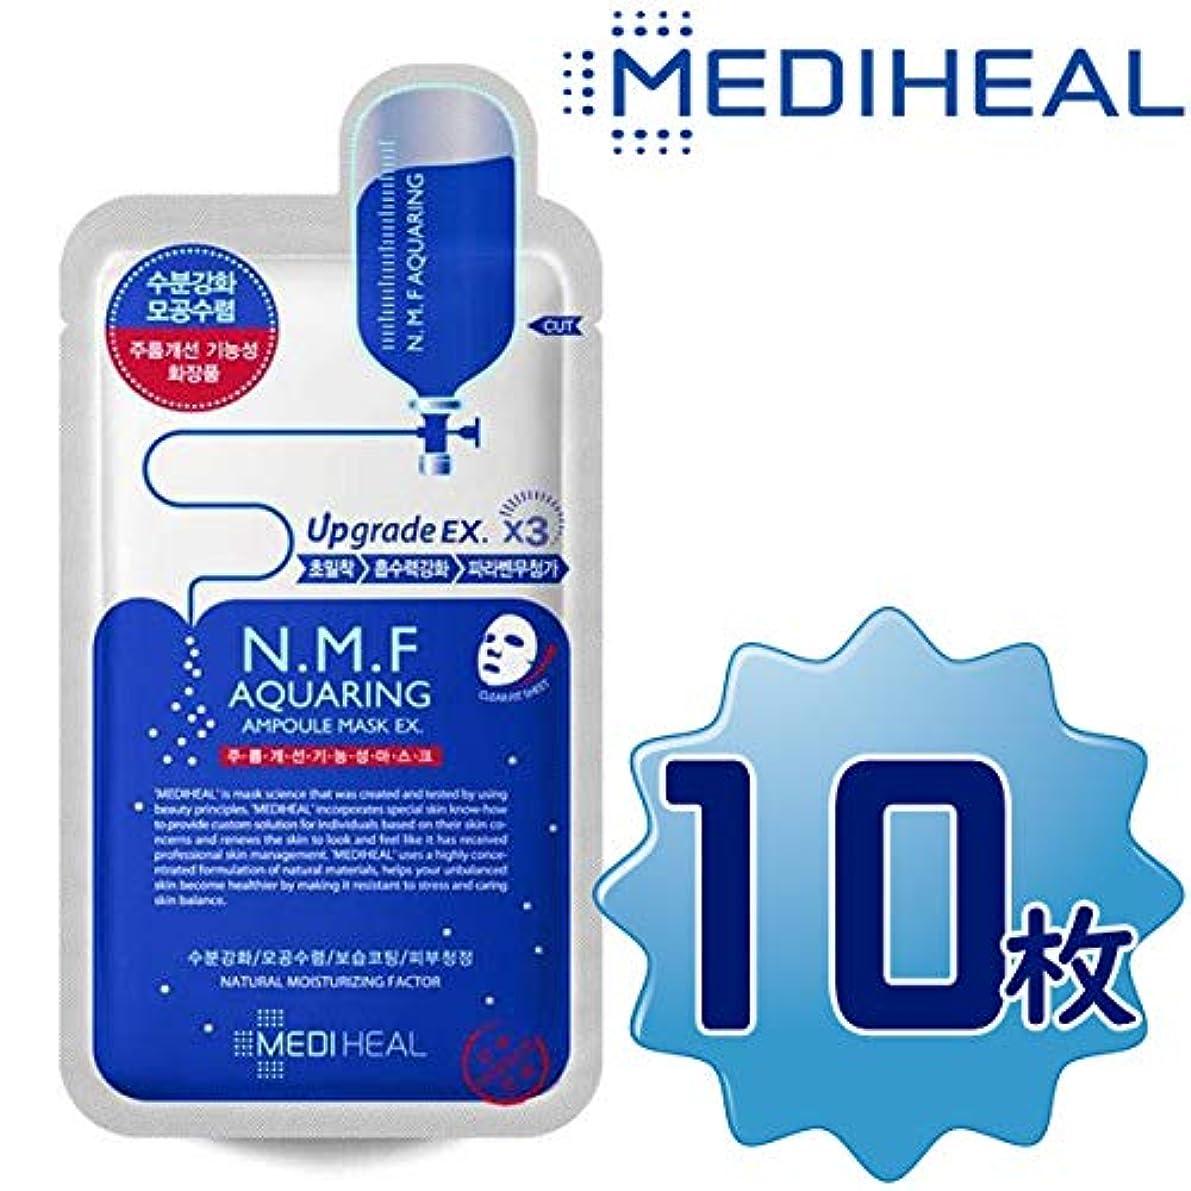 出来事改修警告【正規輸入品】Mediheal メディヒール N.M.F アクアリング アンプル?マスクパックEX 10枚入り×1(Aquaring Ampoule Essential Mask PackEX 1box(10sheet)×1